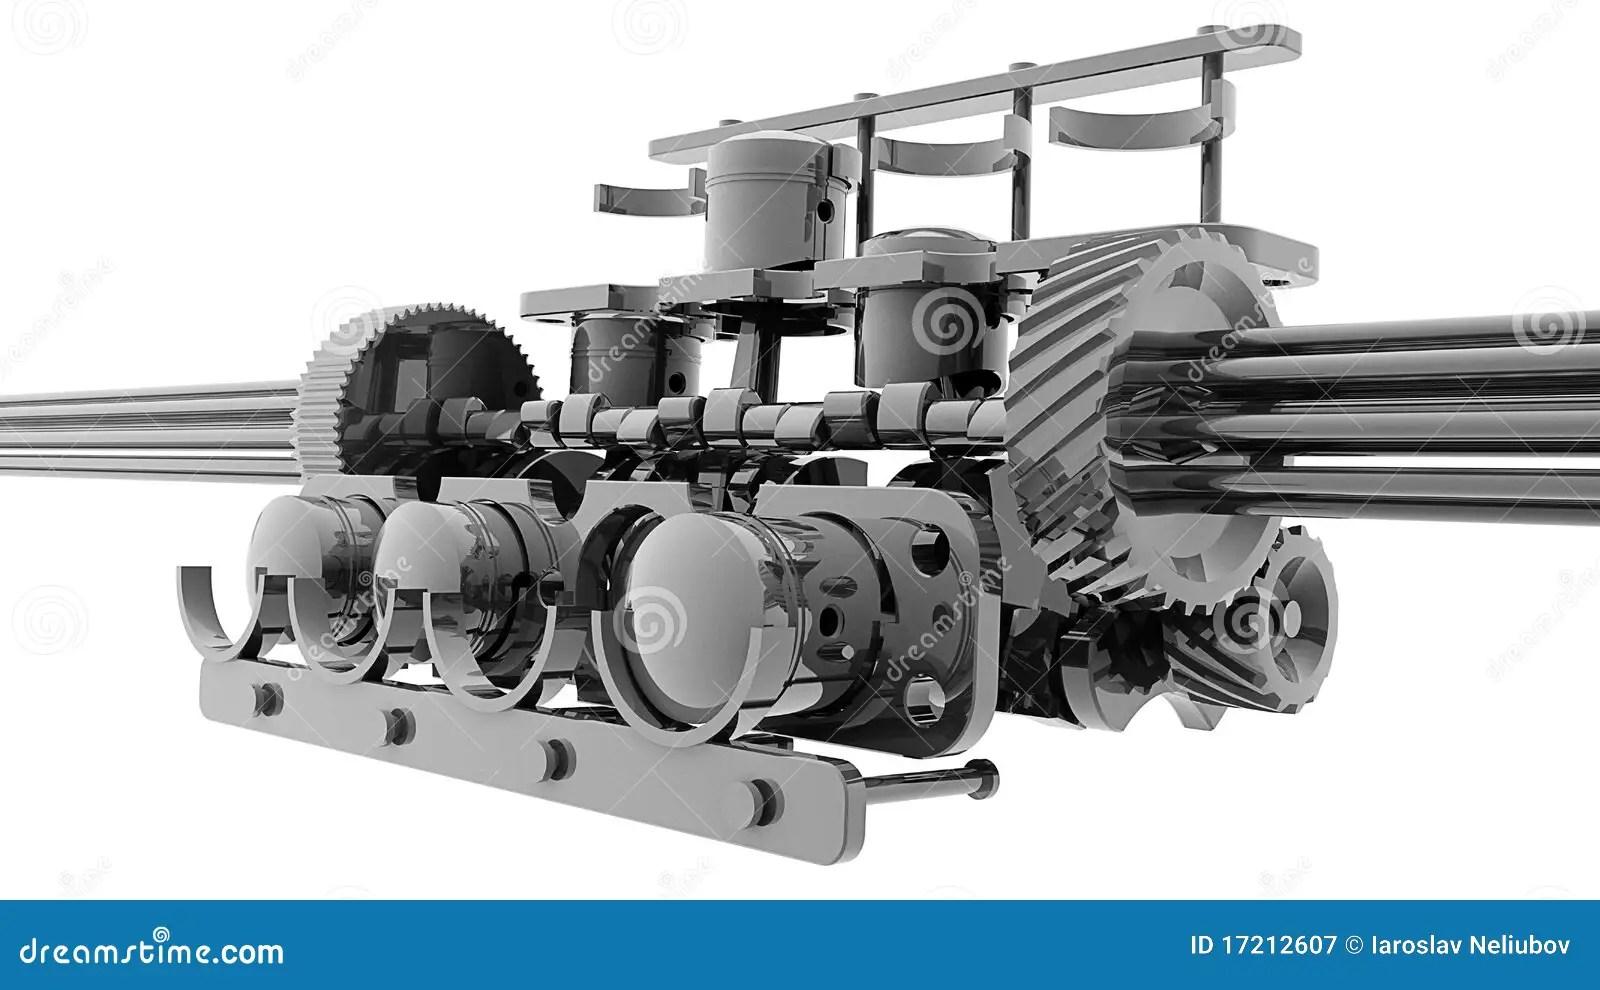 Trailblazer Engine Diagram Engine Car Parts And Component Diagram